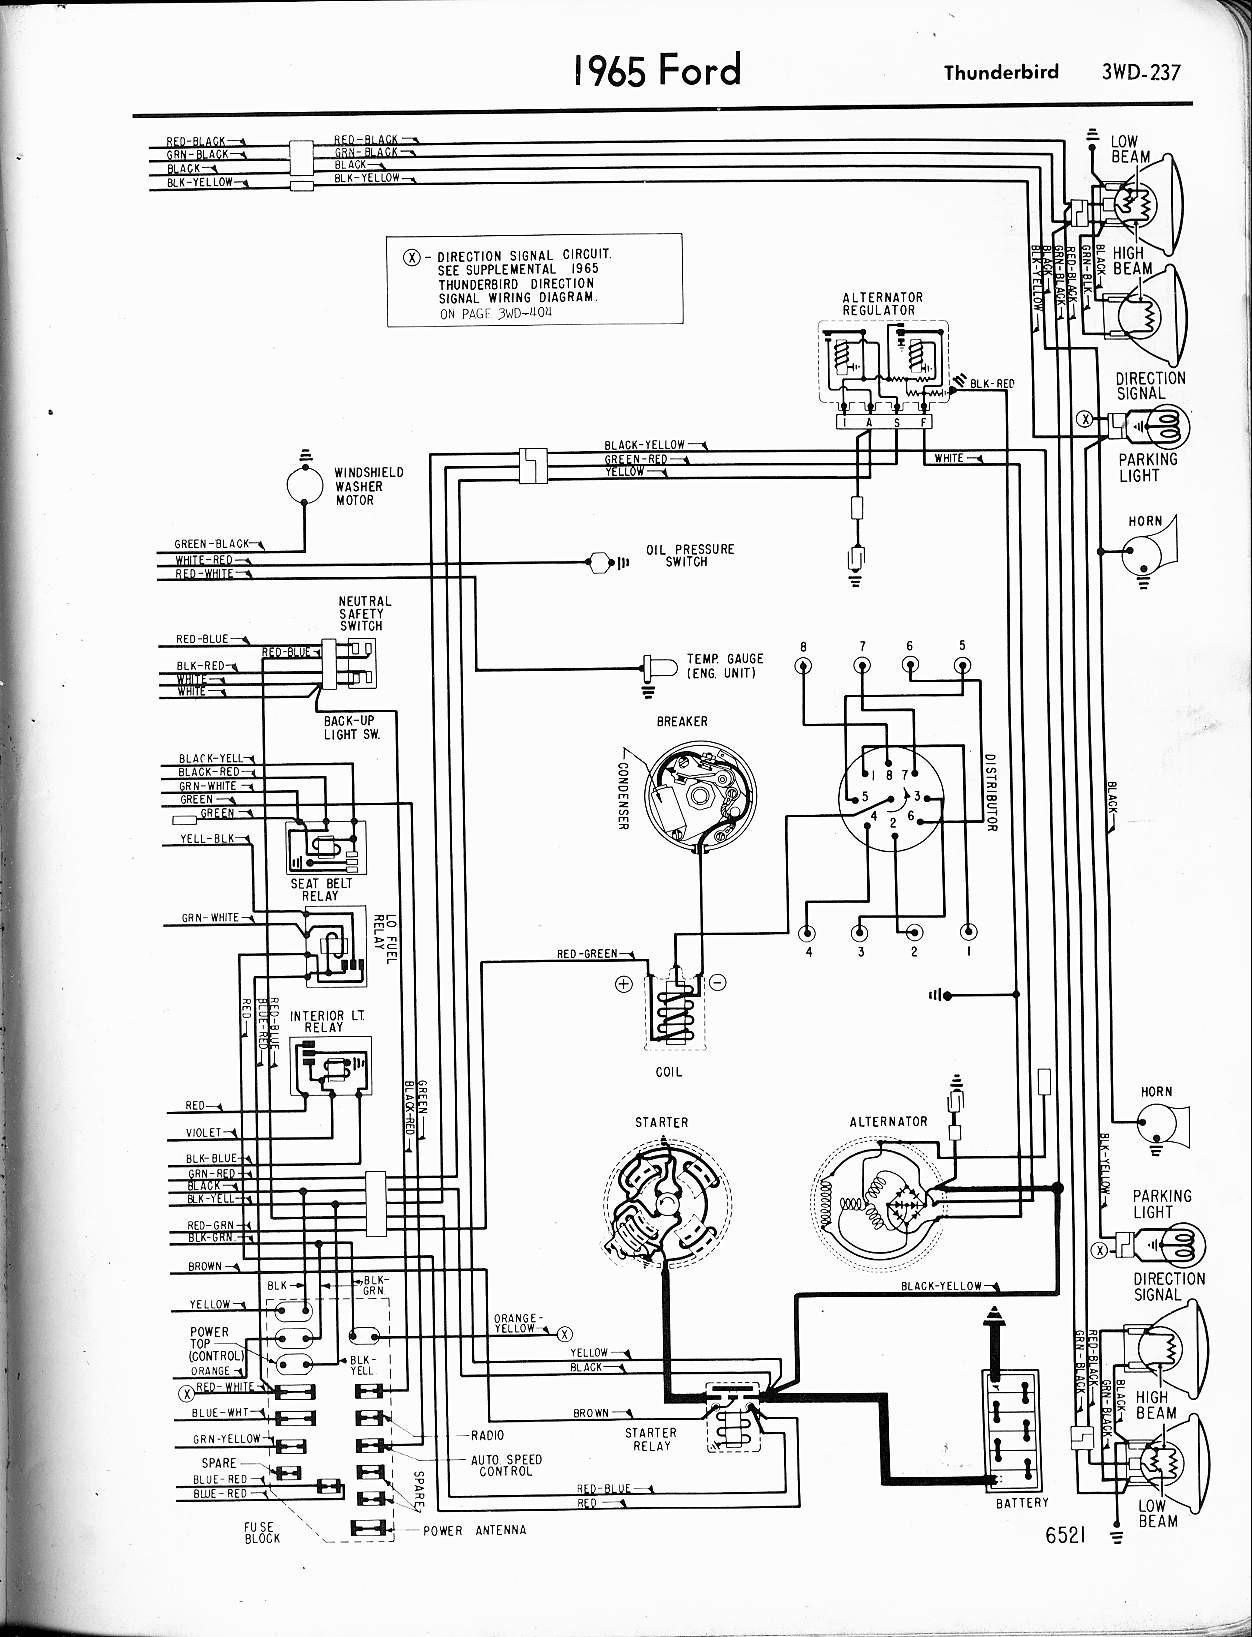 Car Starter Relay Diagram Charger Circuit Breaker Diagram Free Download Wiring Diagram Of Car Starter Relay Diagram